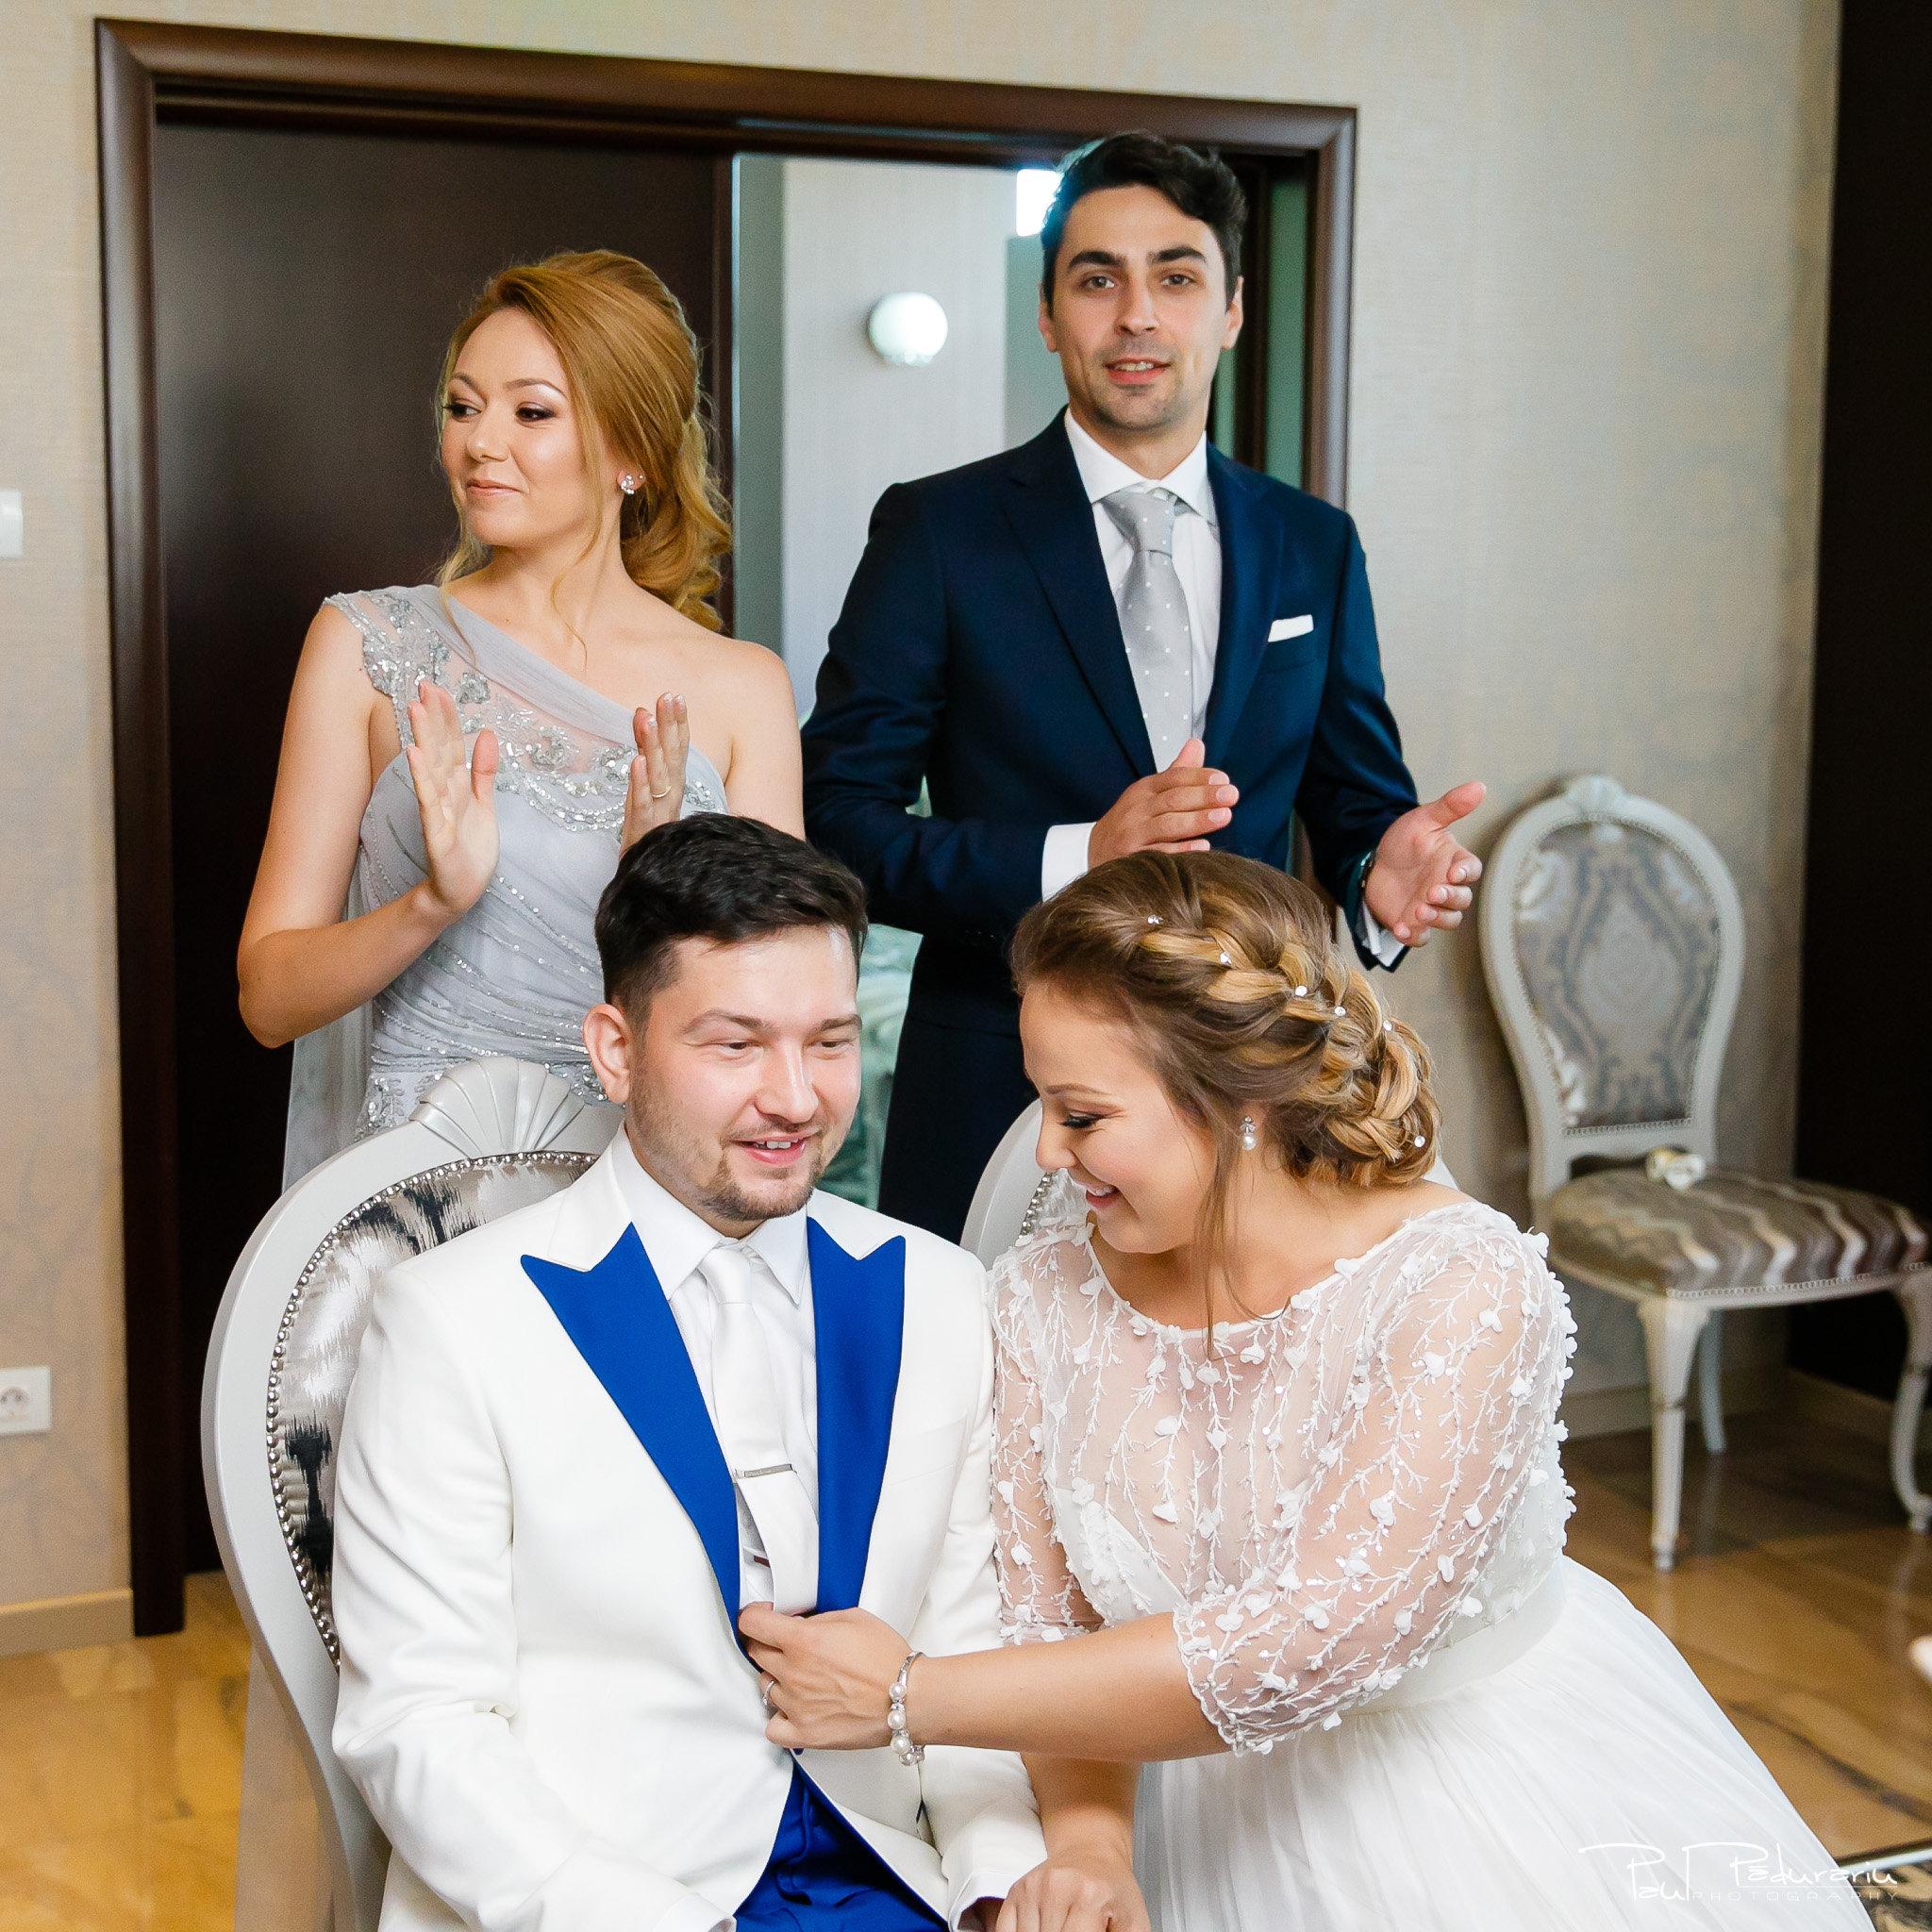 Pregatiri nunta Ema si Tudor fotograf de nunta iasi www.paulpadurariu.ro © 2017 Paul Padurariu - pregatiri mireasa si mire alaturi de nasi